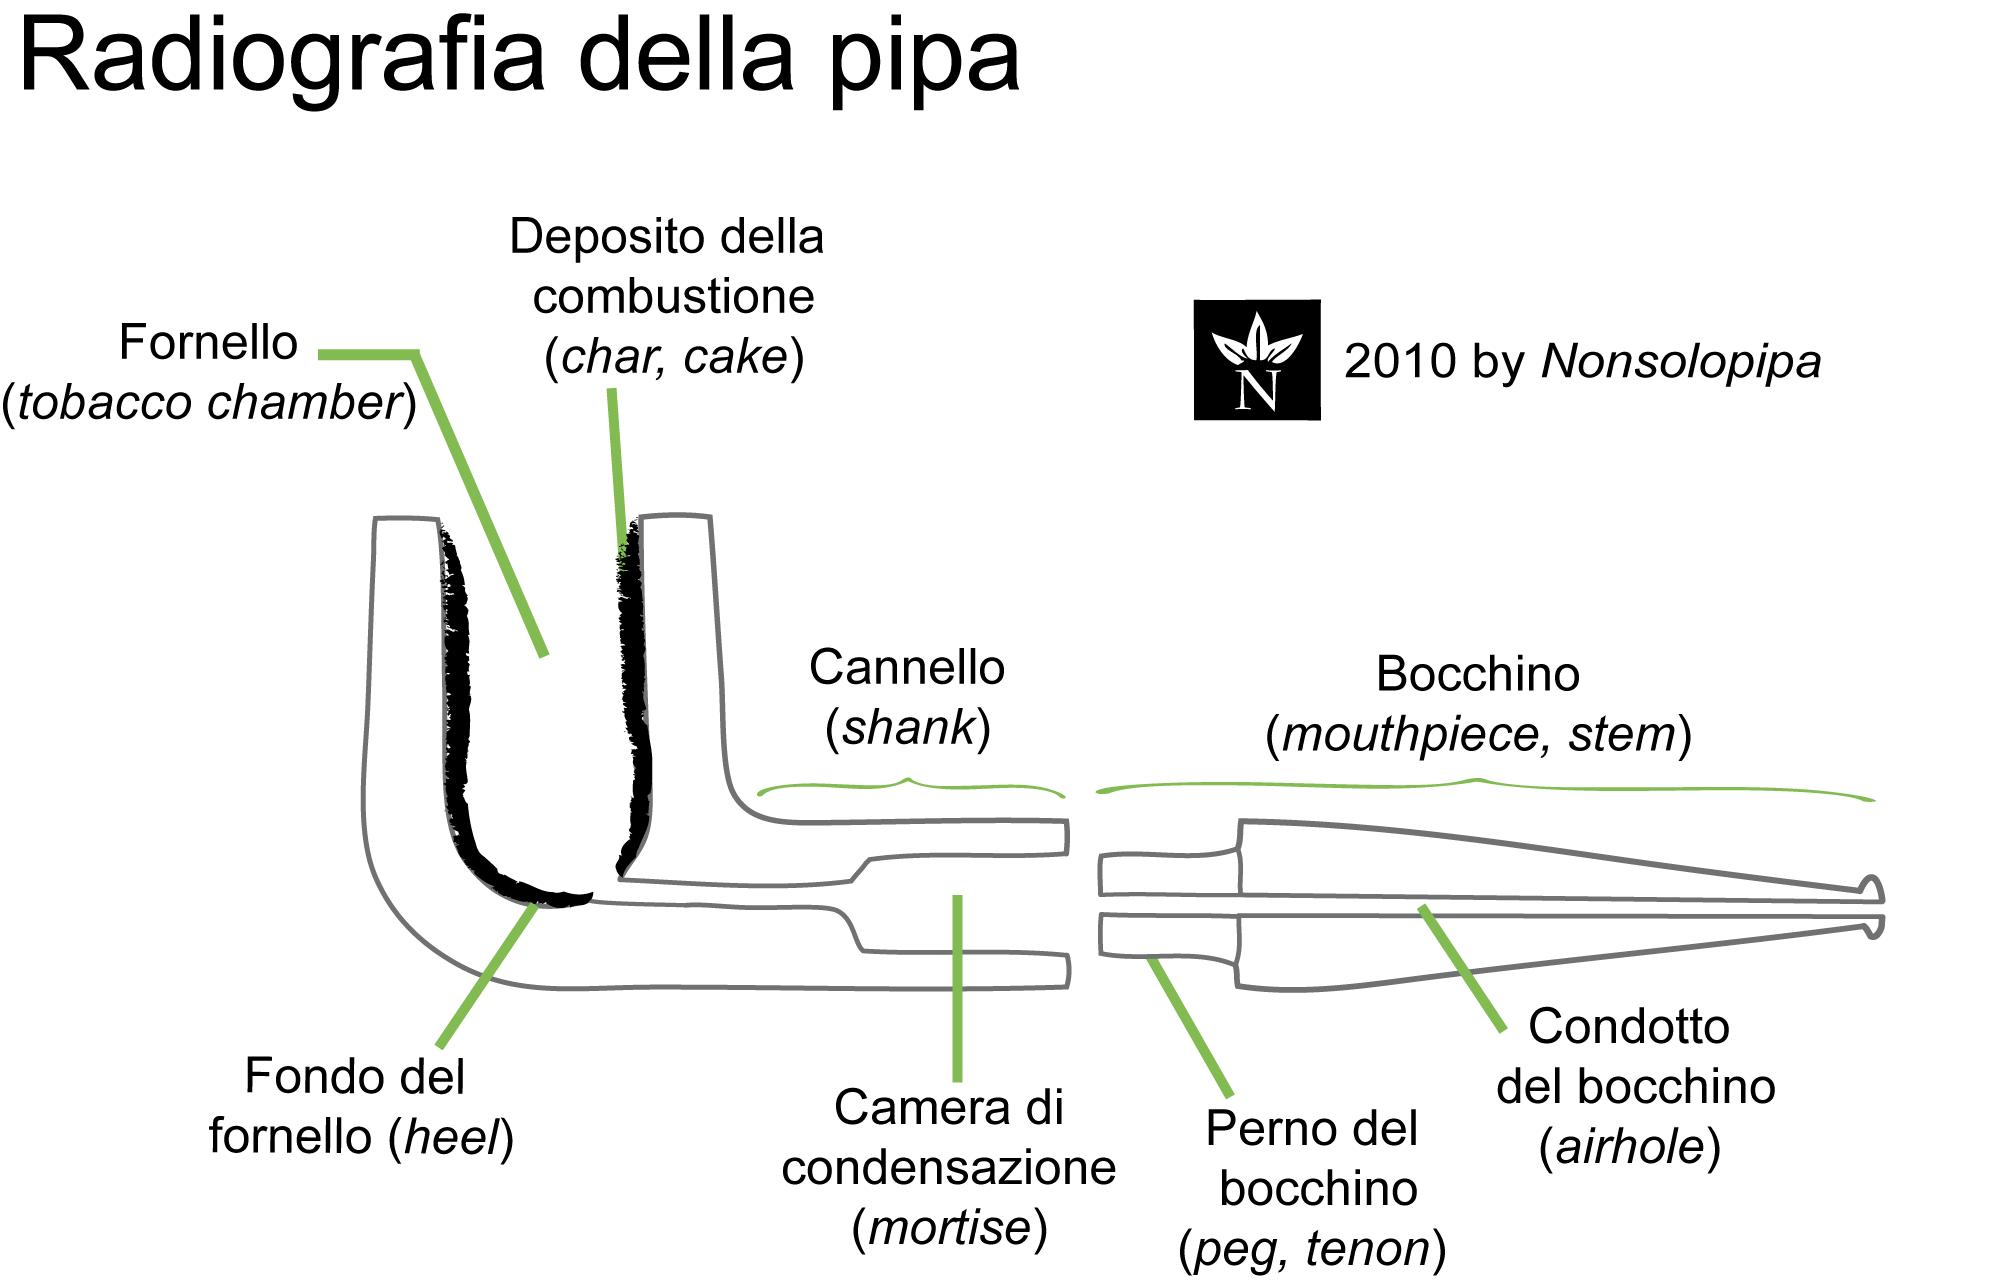 Radiografia della pipa (fonte nonosolopipa)